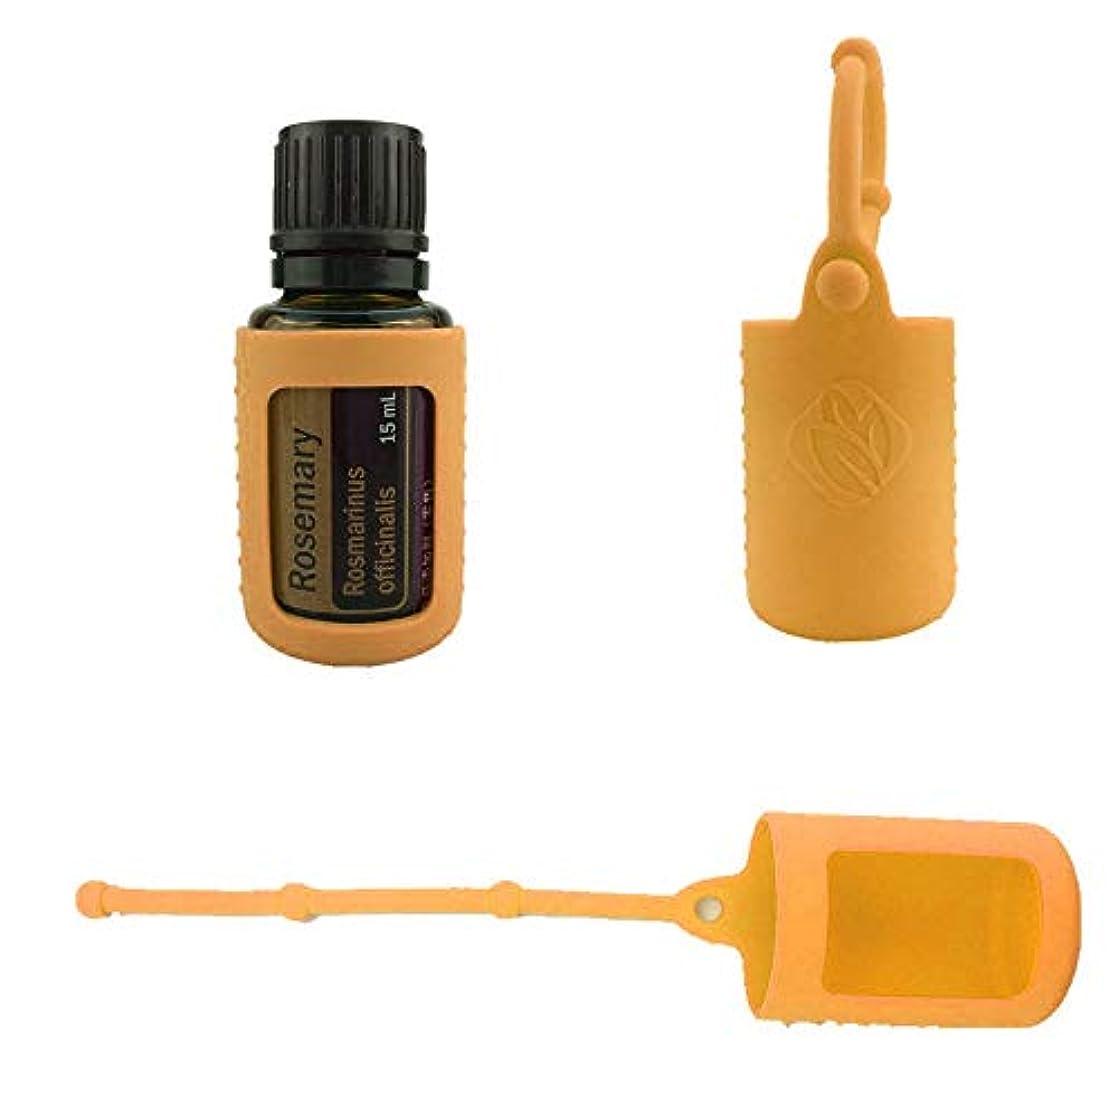 原理有用マチュピチュ6パック熱望オイルボトルシリコンローラーボトルホルダースリーブエッセンシャルオイルボトル保護カバーケースハングロープ - オレンジ - 6-pcs 5ml